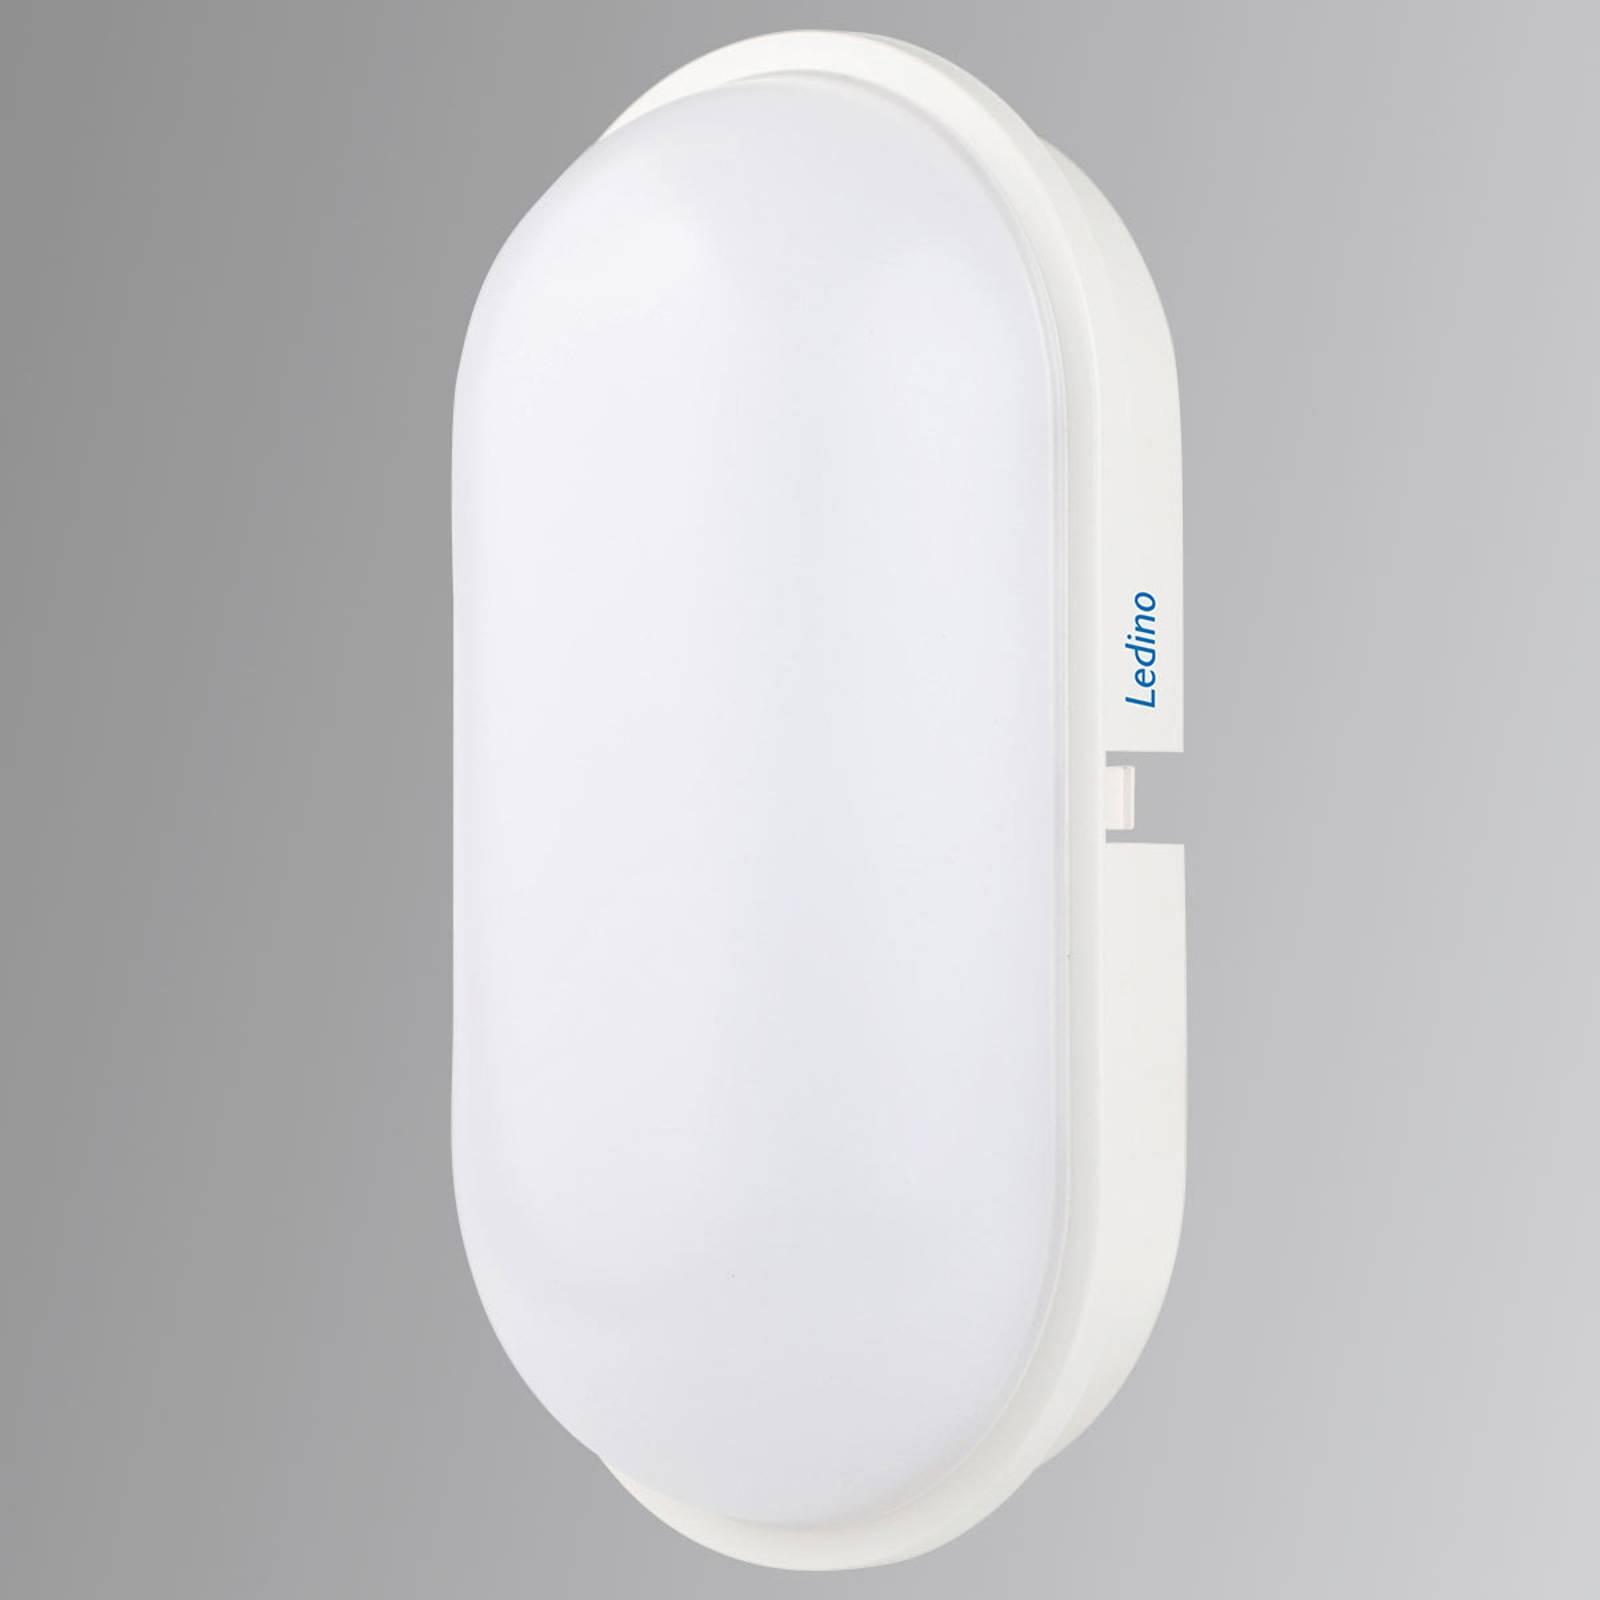 LED-seinävalaisin Schwabing XXL, nopea asennus